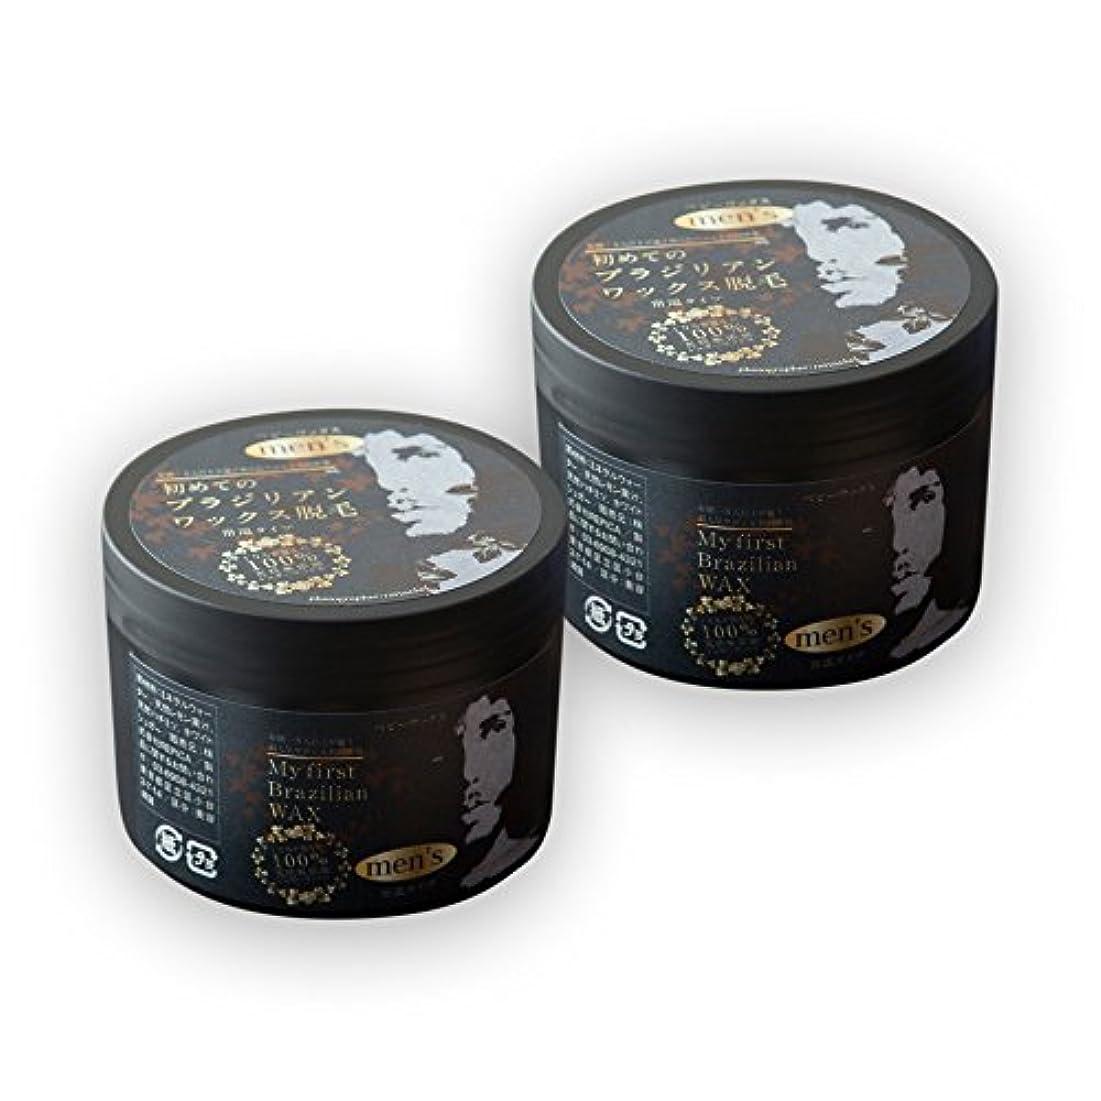 連続したひねくれたレイプ【単品】メンズ専用単品ワックス BABY WAX 専門サロンの初めてのブラジリアンワックス脱毛【100%国産無添加】 (2個セット)